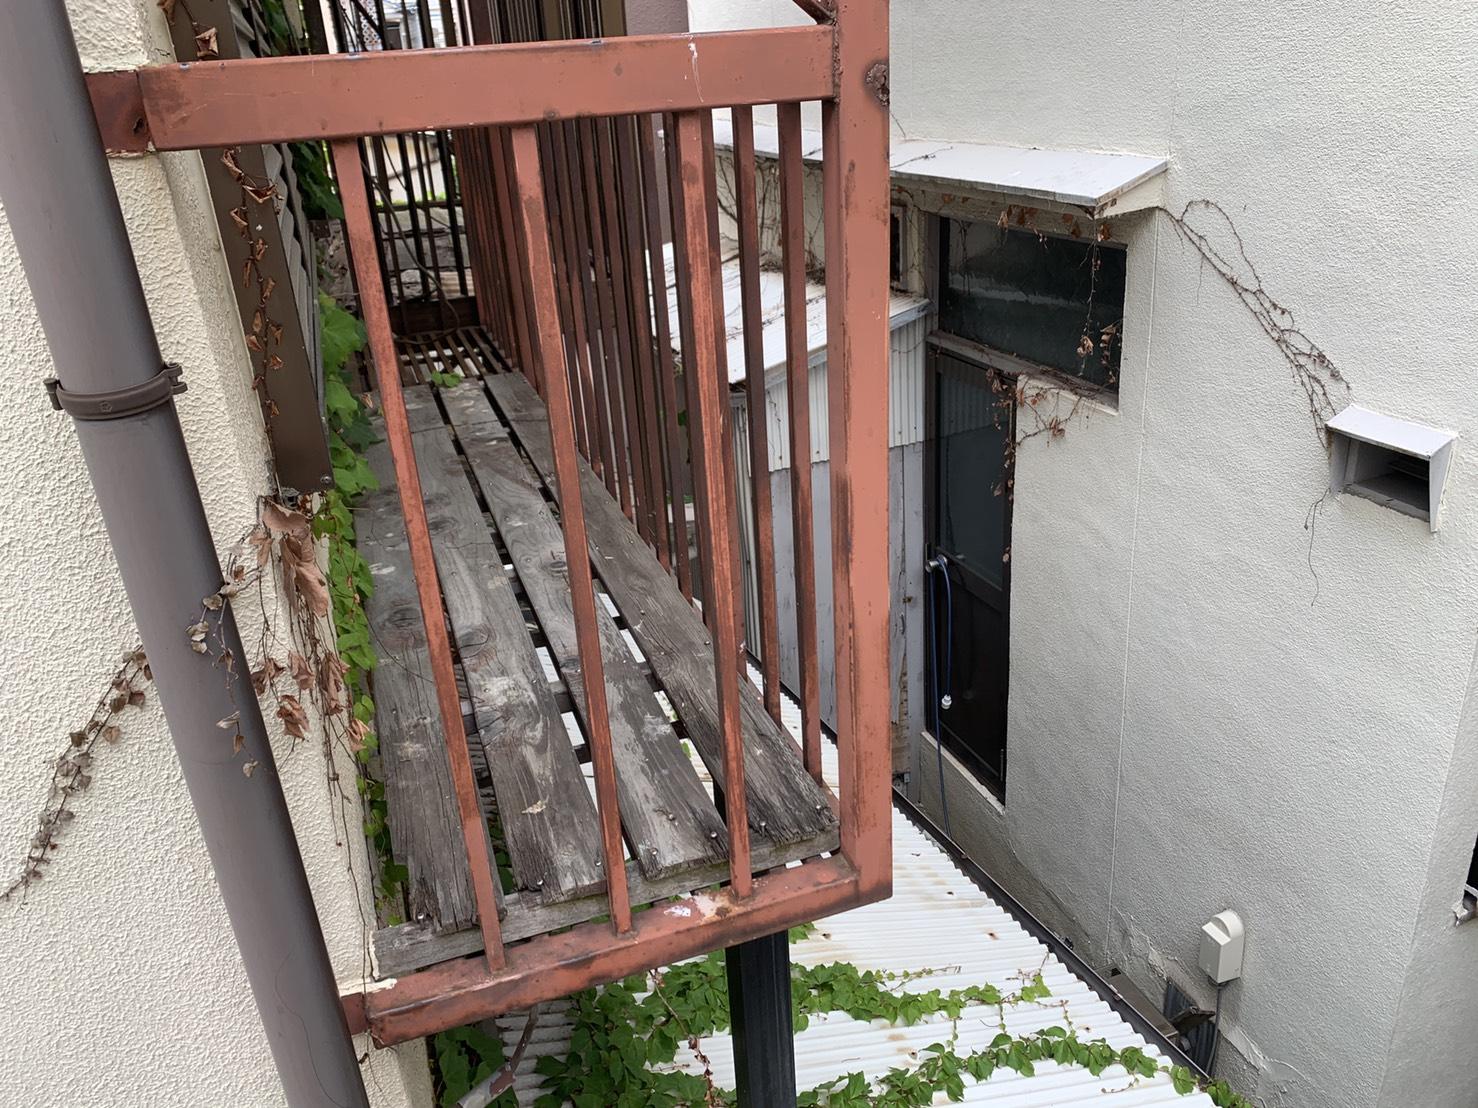 2階建て収益物件のベランダ床が腐食している様子